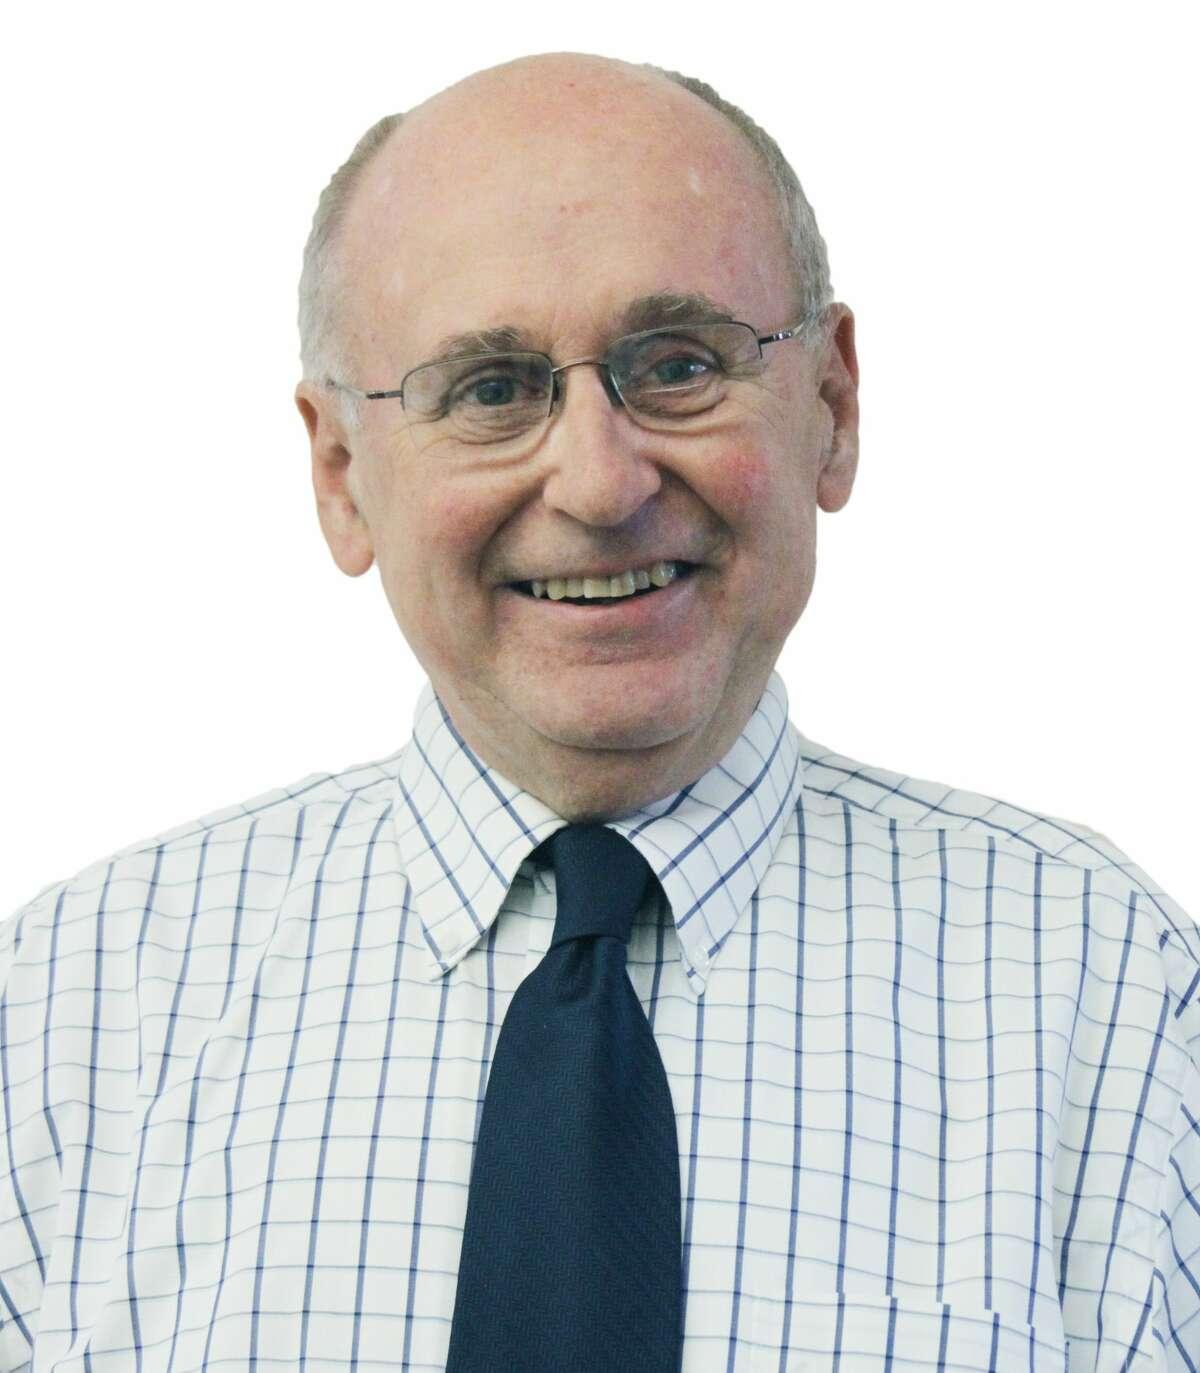 Ken Grabowski